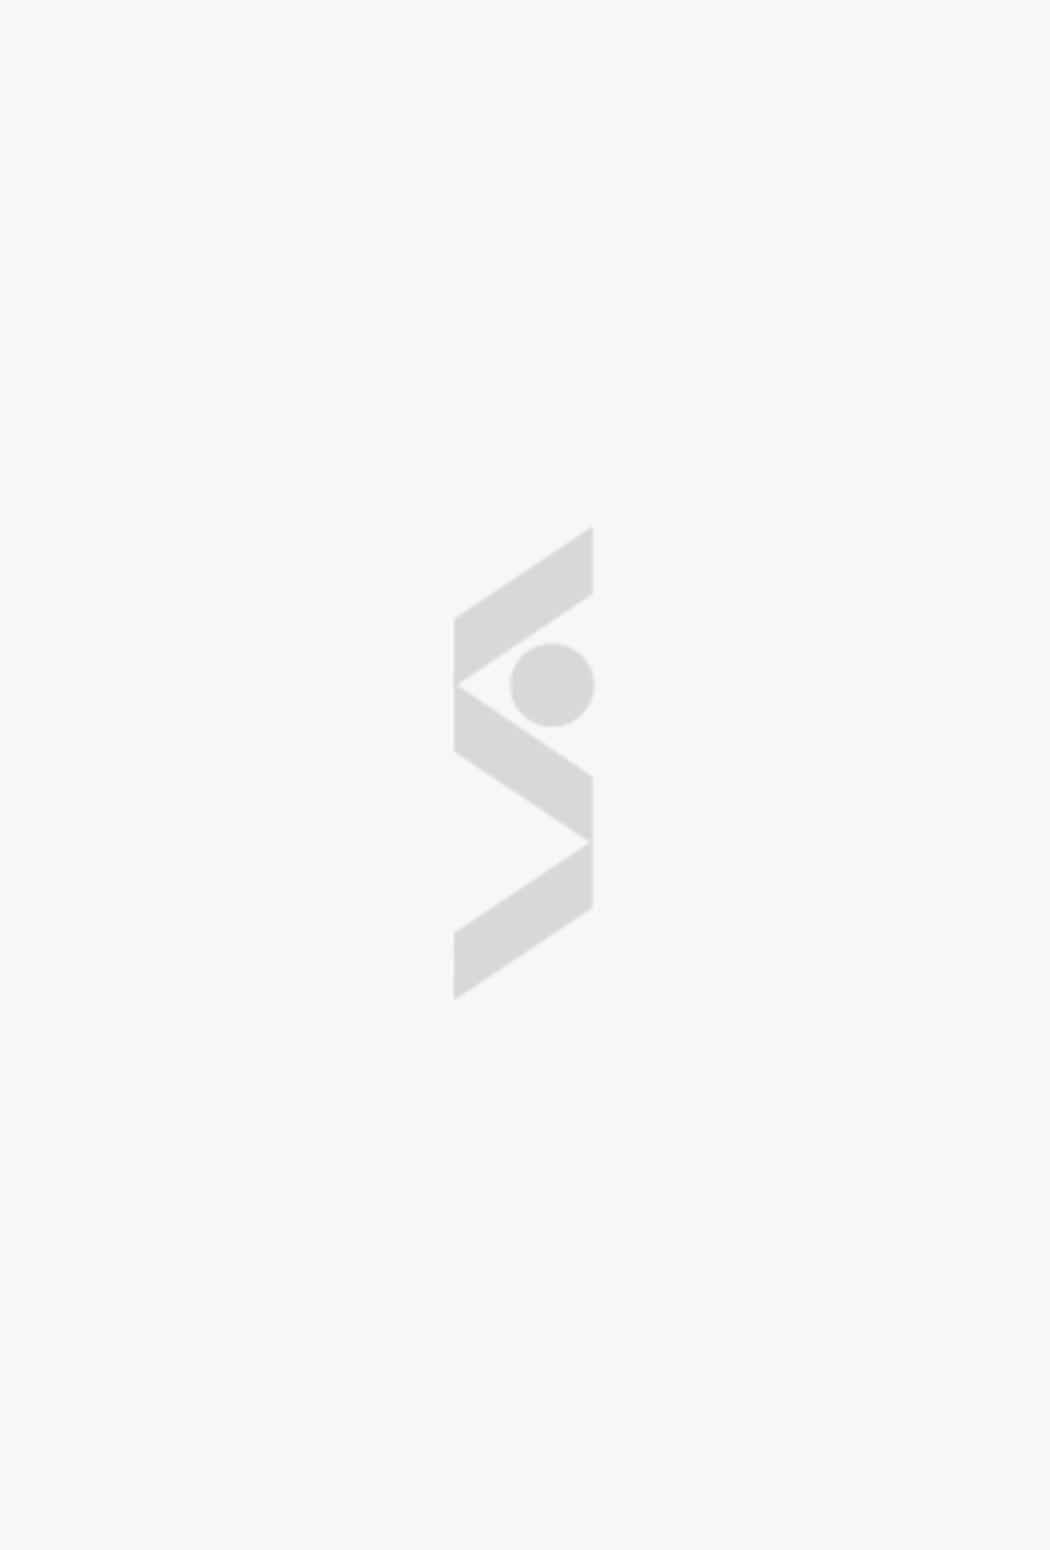 Skeyndor косметика купить в москве заказать каталог avon в интернете